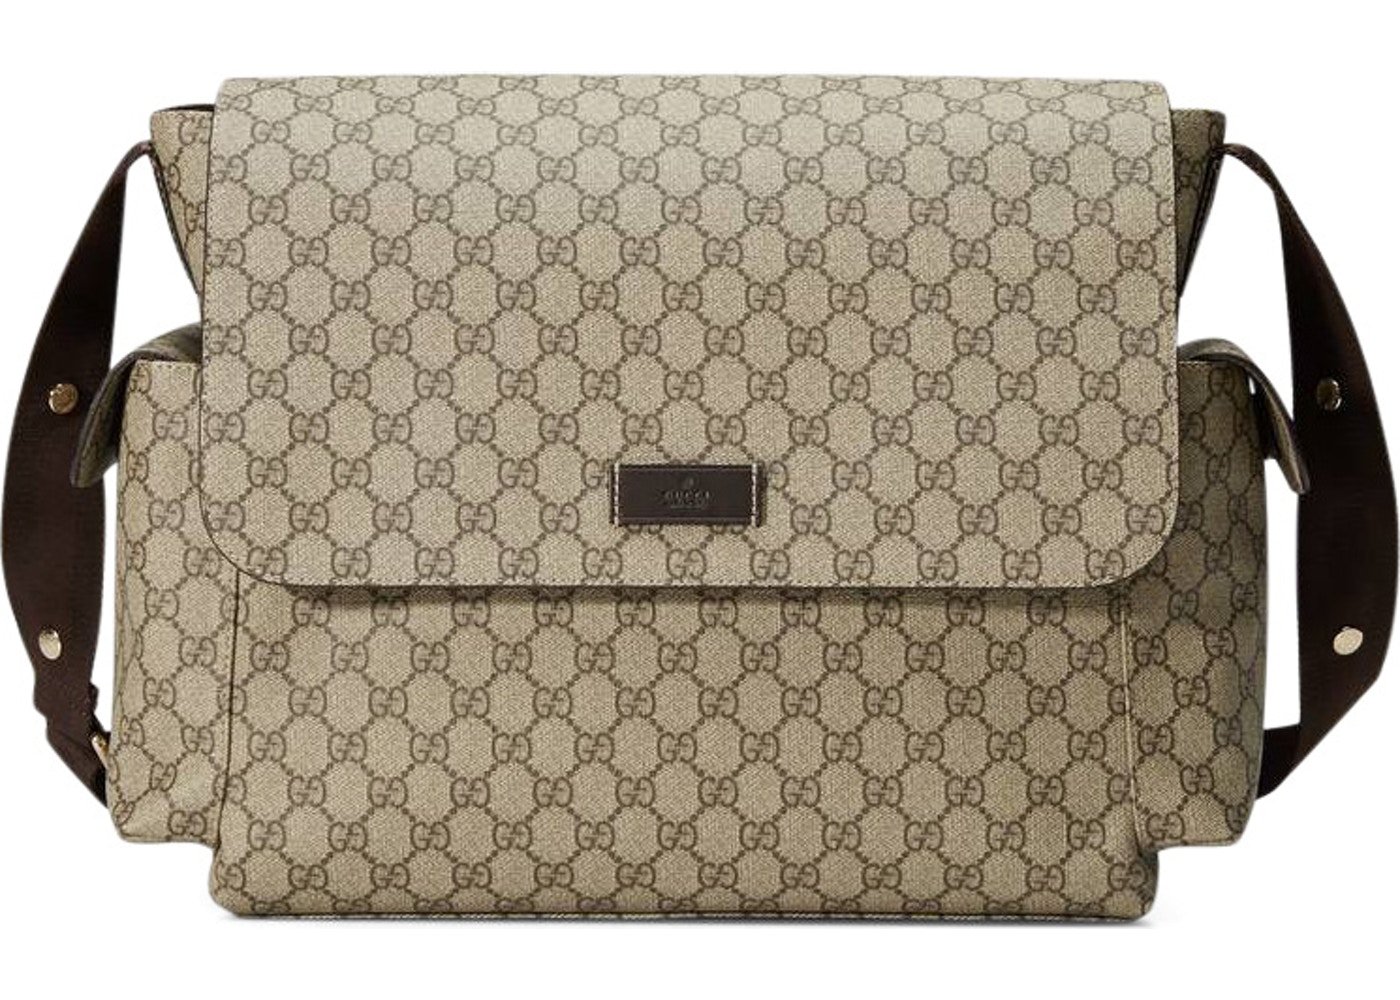 f9ce2601f2bf Gucci Diaper Bag Crossbody GG Supreme Brown. GG Supreme Brown